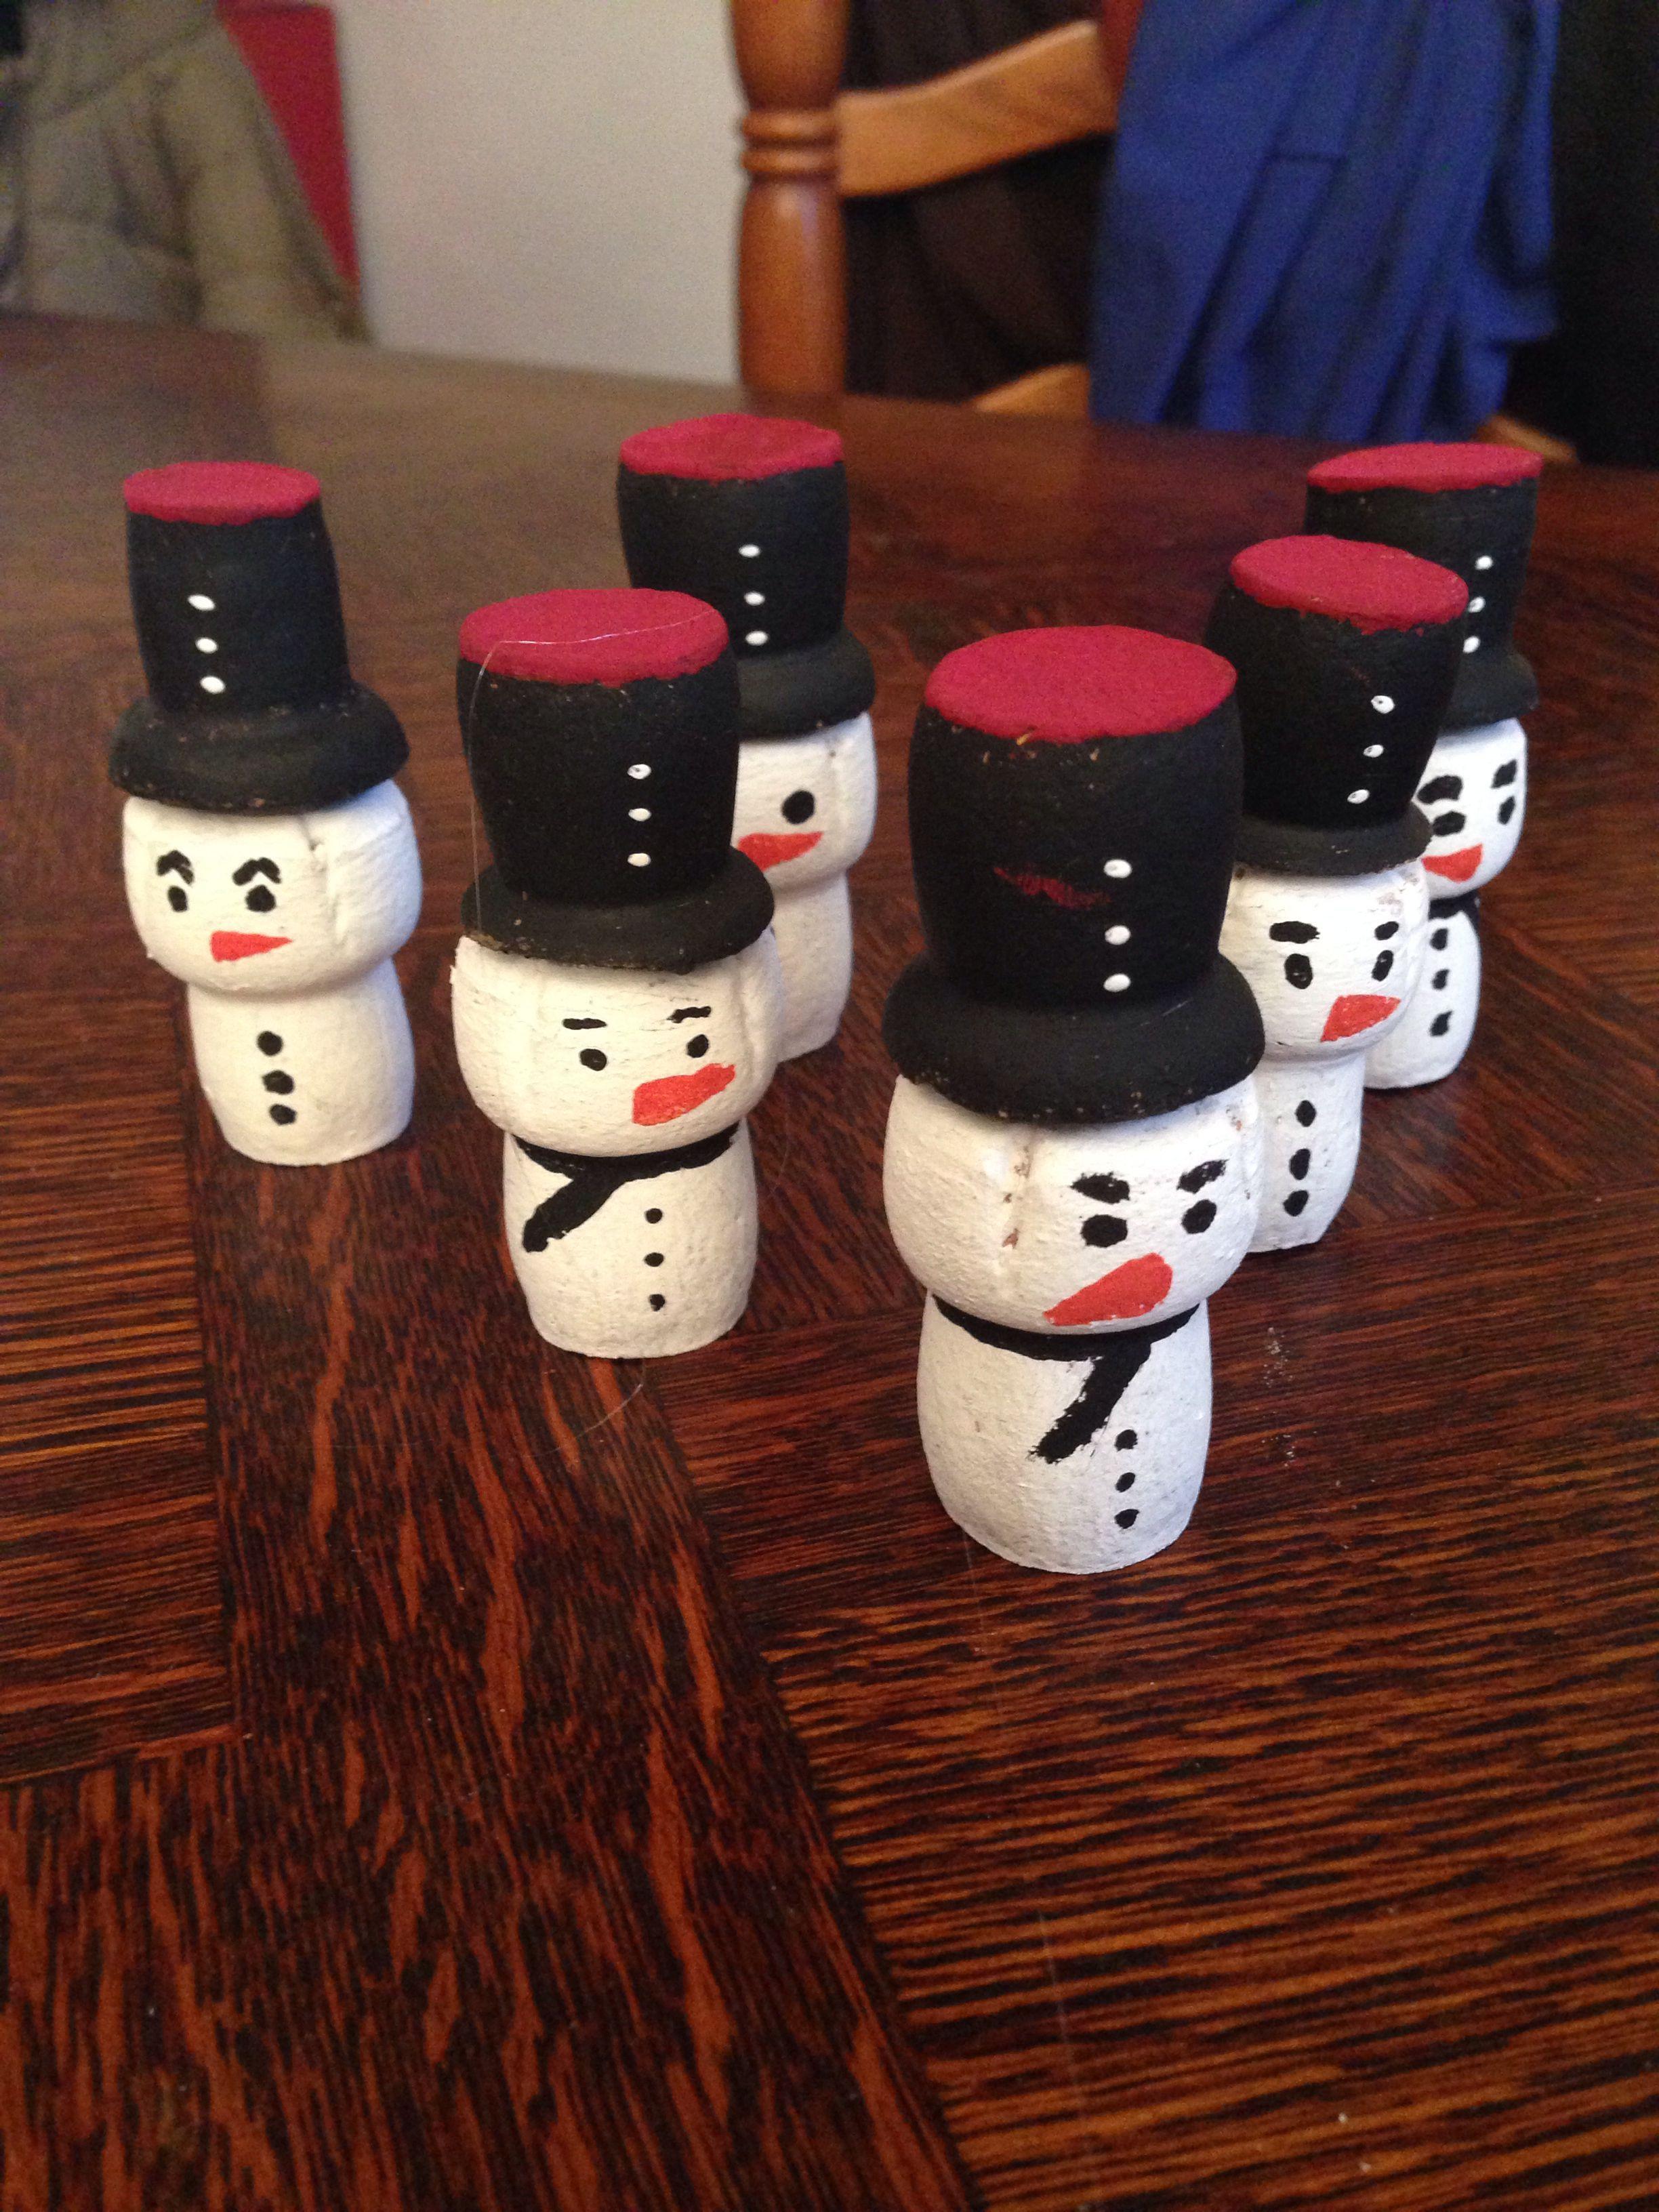 bonhomme de neige avec des bouchons de champagne bricolage avec bouchons pinterest cork. Black Bedroom Furniture Sets. Home Design Ideas